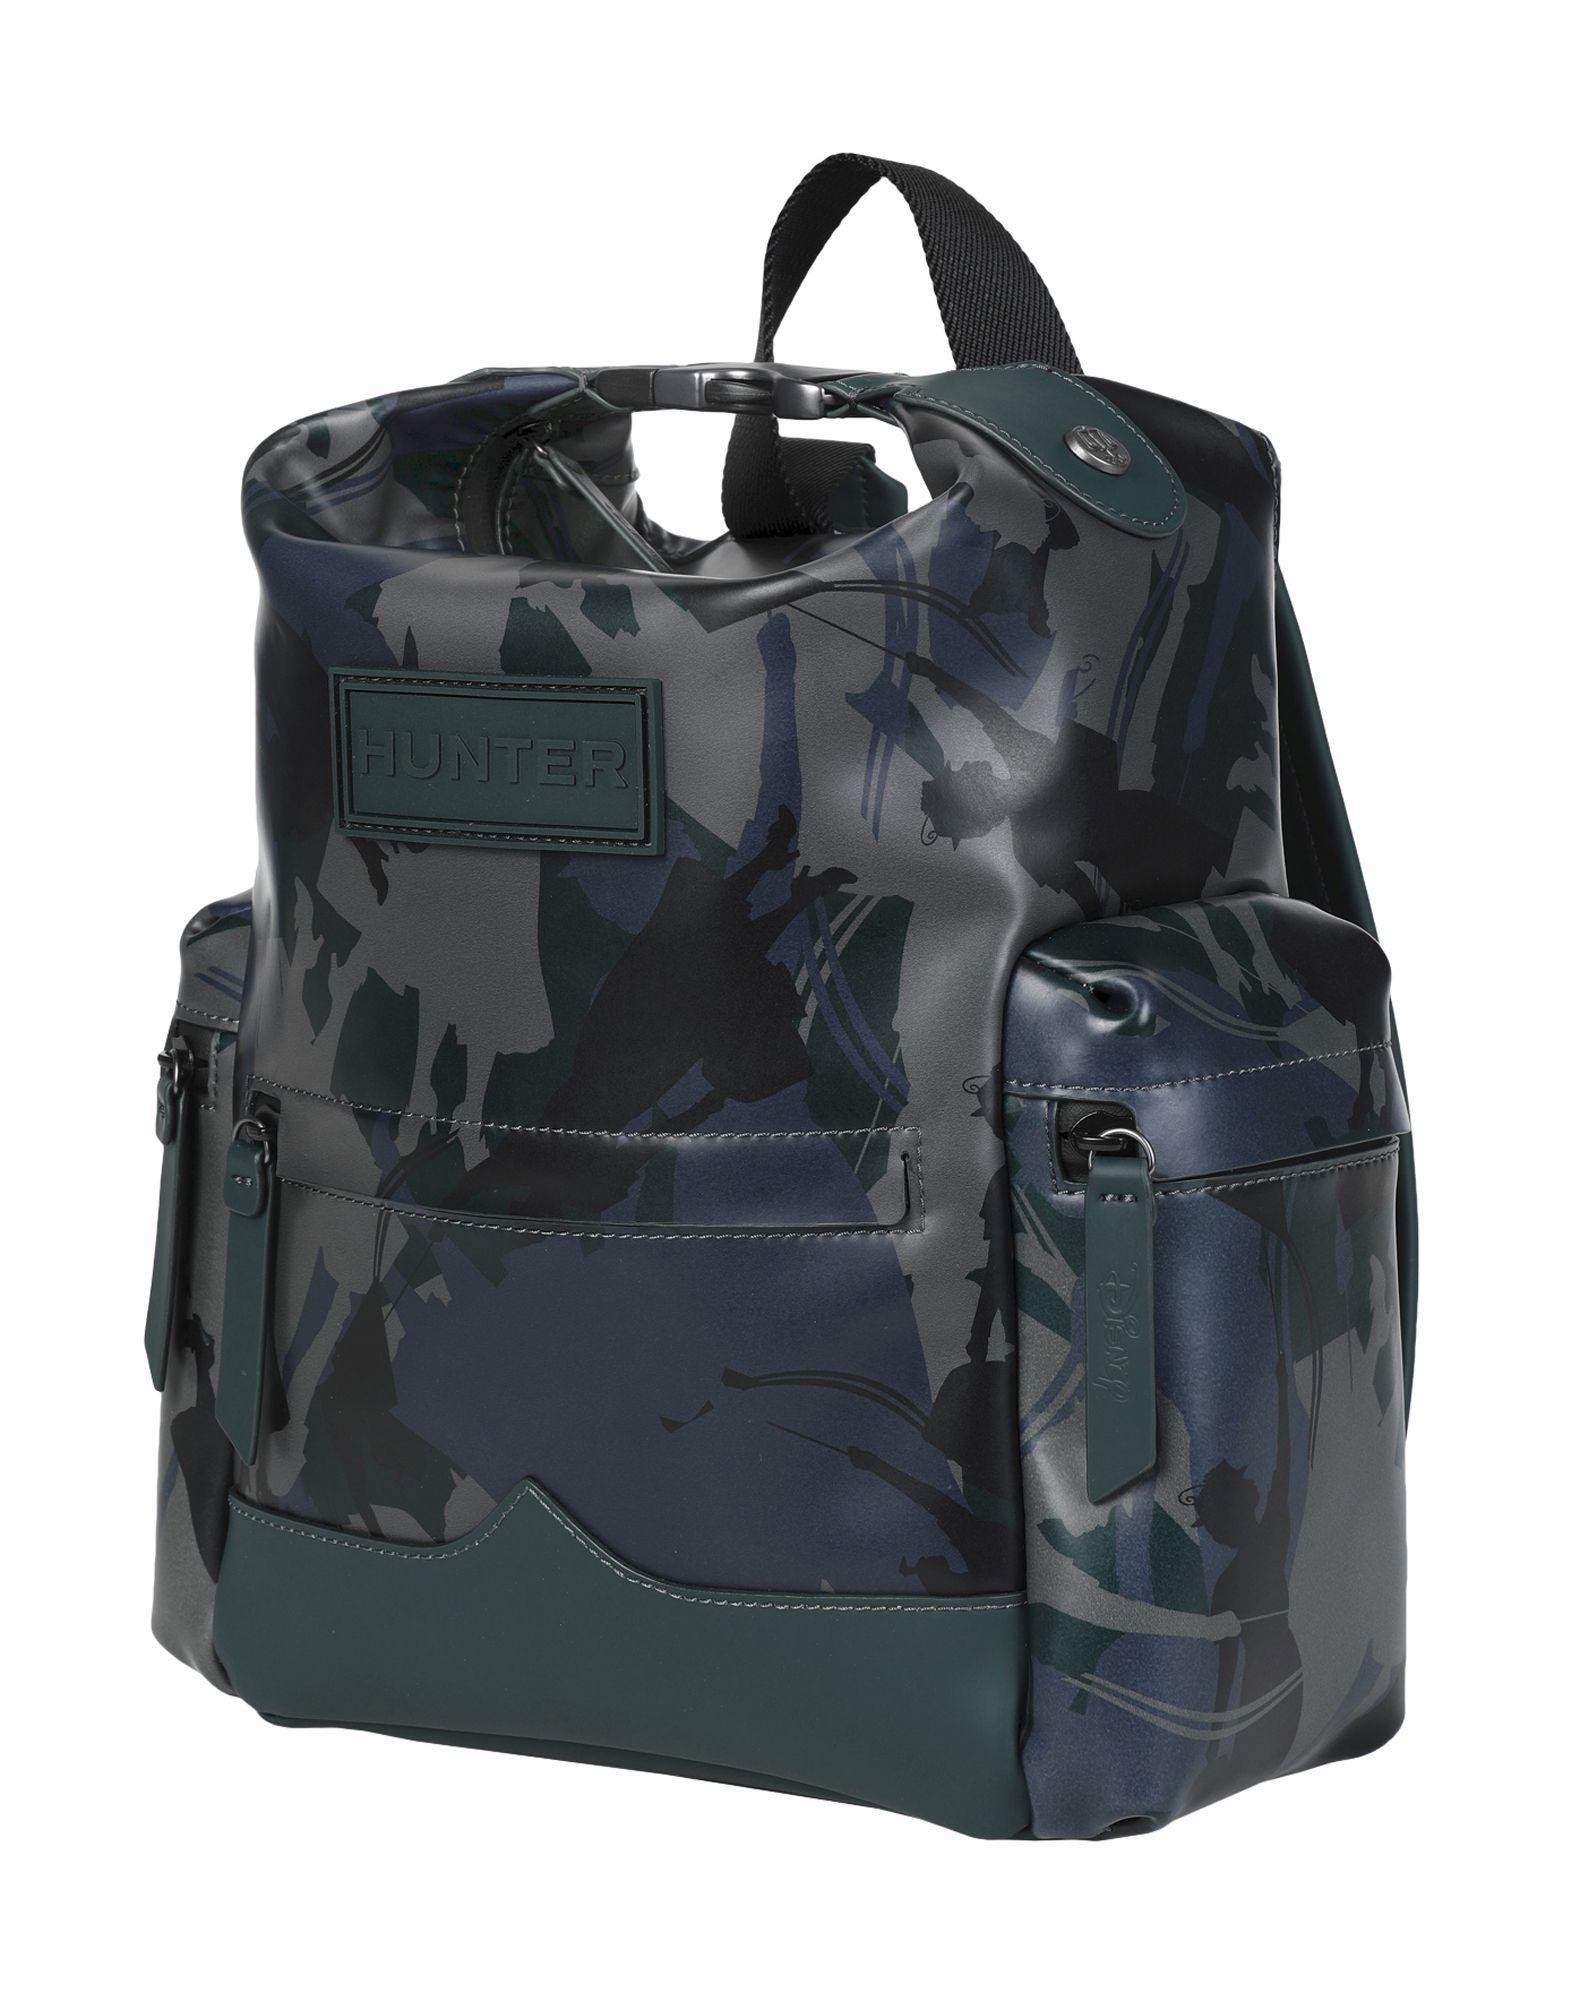 DISNEY x HUNTER Рюкзаки и сумки на пояс hunter рюкзаки и сумки на пояс